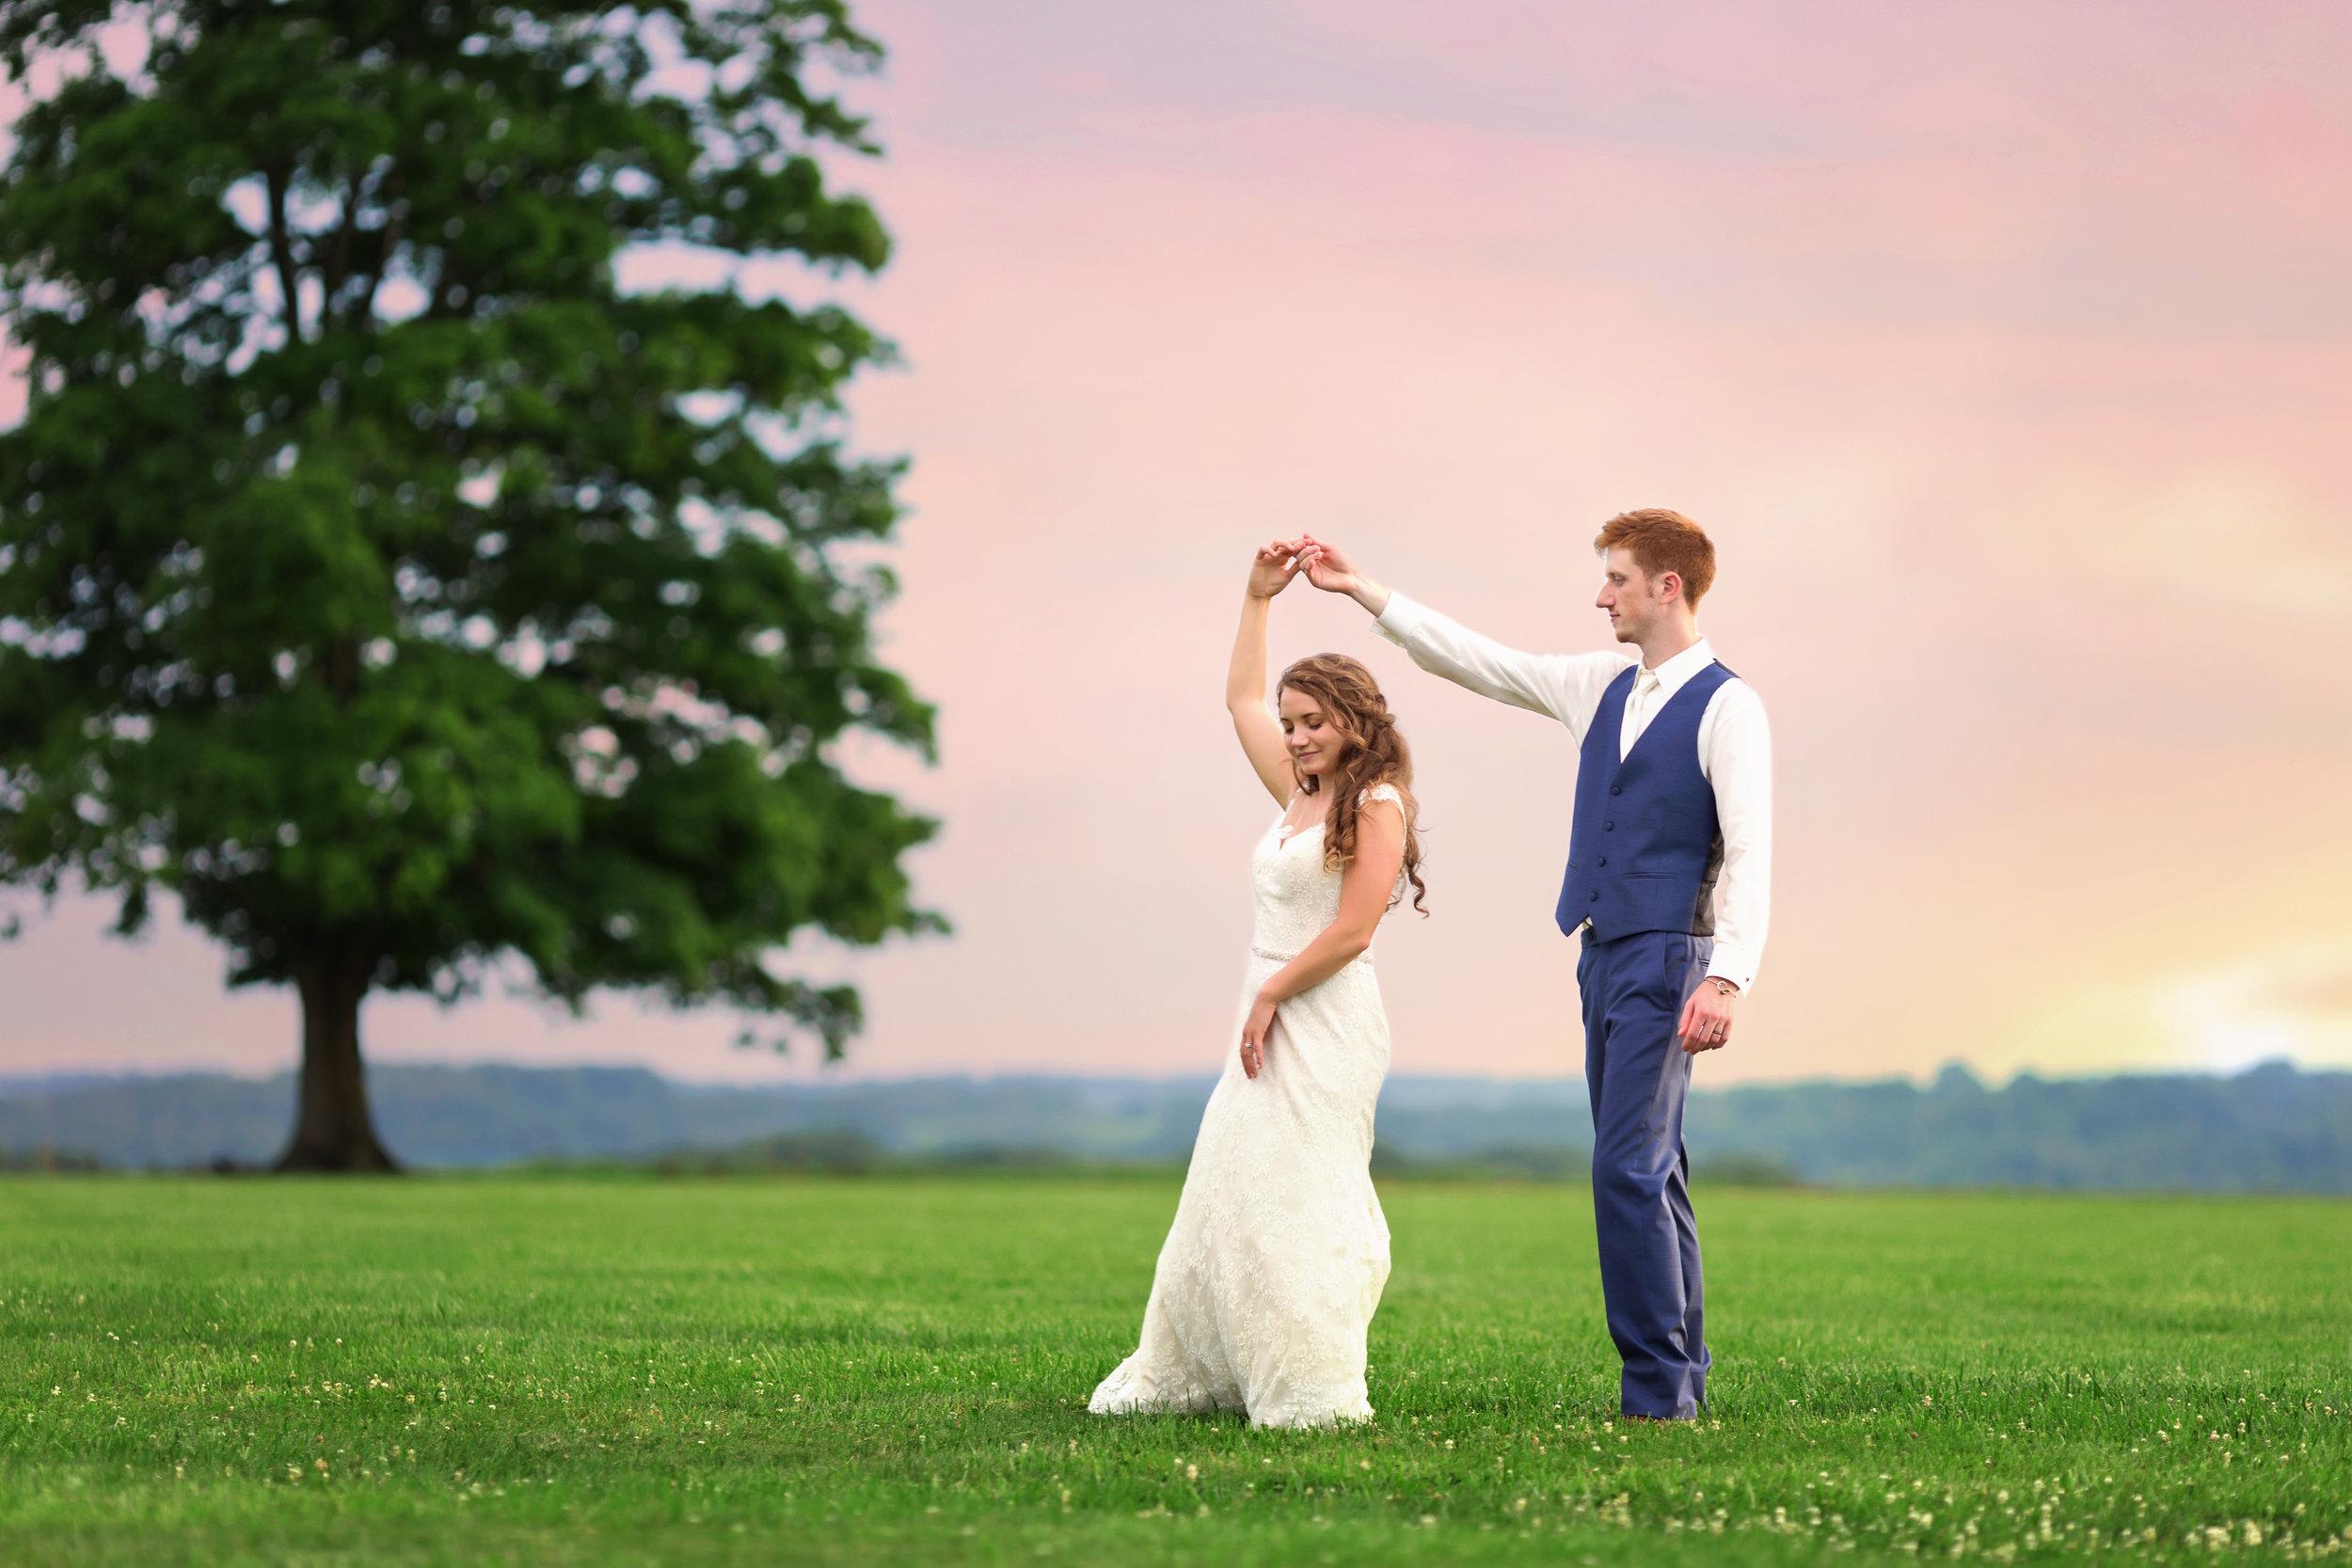 stair-bright-bride-groom-079.jpg